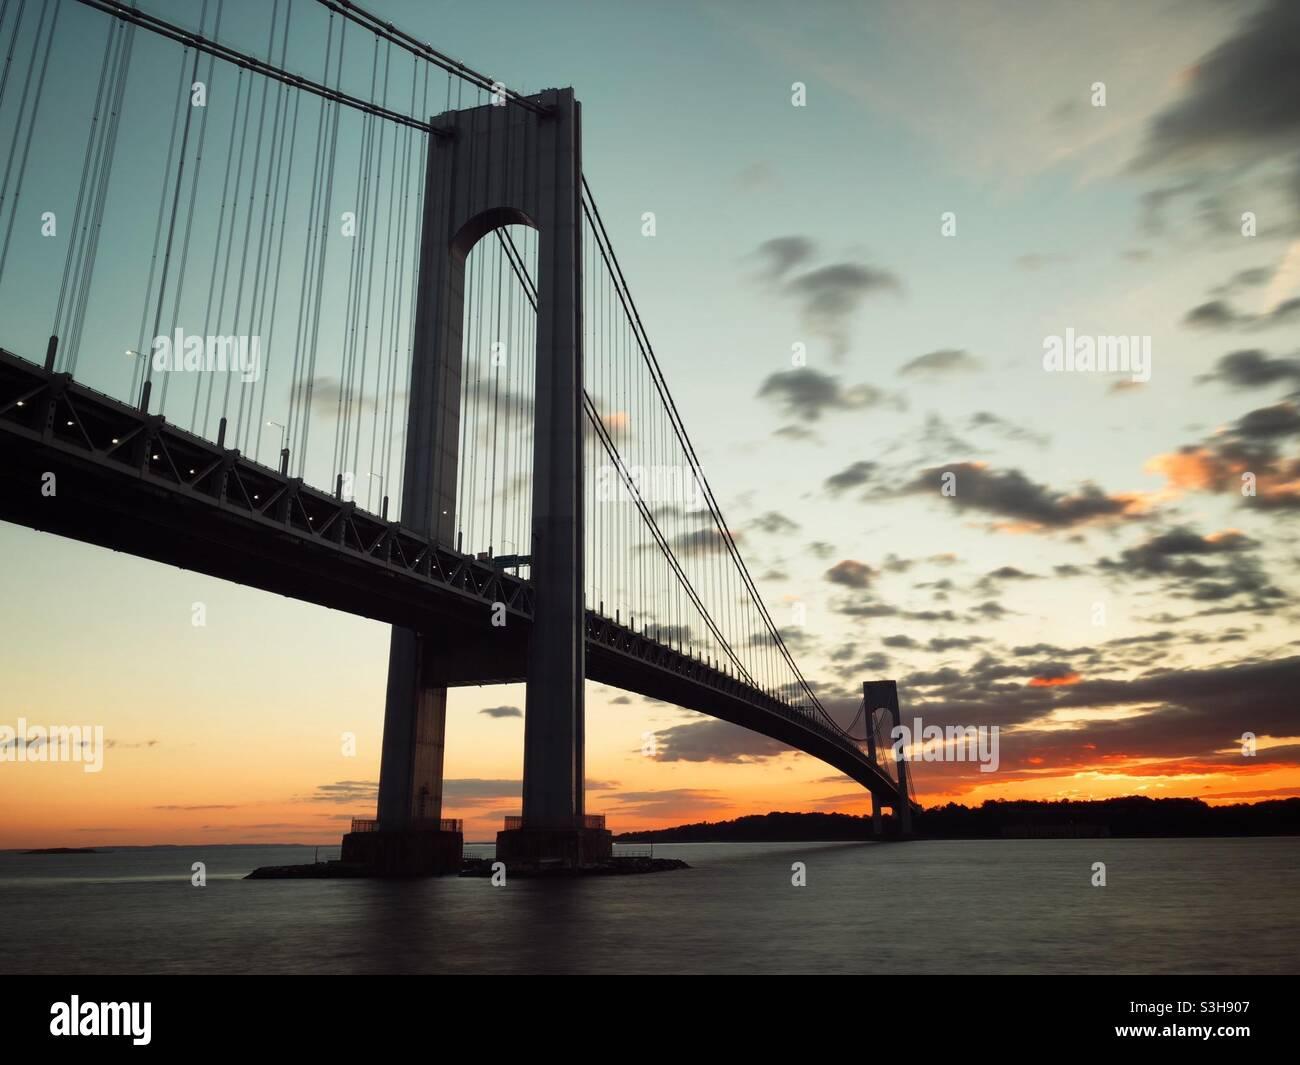 Verrazzano-Narrows Bridge von Brooklyn aus, New York, in der Dämmerung. Staten Island ist in der Ferne zu sehen. Stockfoto